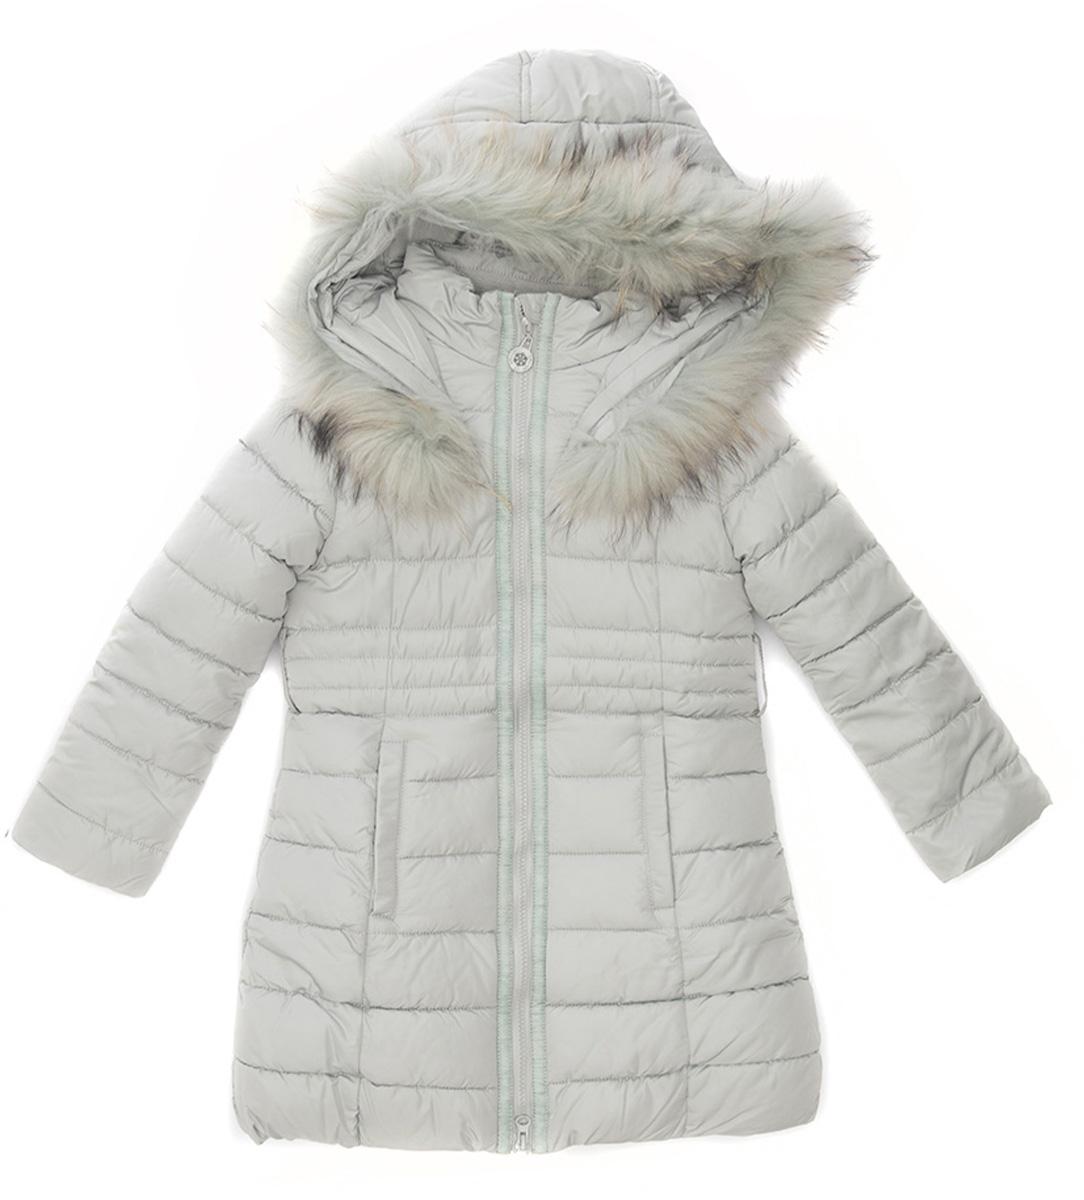 Куртка для девочки Vitacci, цвет: серый. 2171479-02. Размер 1402171479-02Удлиненная куртка-пальто для девочки Vitacci, изготовленная из полиэстера, станет стильнымдополнением к детскому гардеробу.Подкладка выполнена из полиэстера и дополнительно утеплена флисом по спинке. В качестве наполнителя используется биопух.Модель застегивается на застежку-молнию и имеет съемный капюшон с опушкой из натурального меха. Спереди расположены два кармана.Температурный режим от -10°С до -25°С.Теплая, удобная и практичная куртка идеально подойдет юной моднице для прогулок!